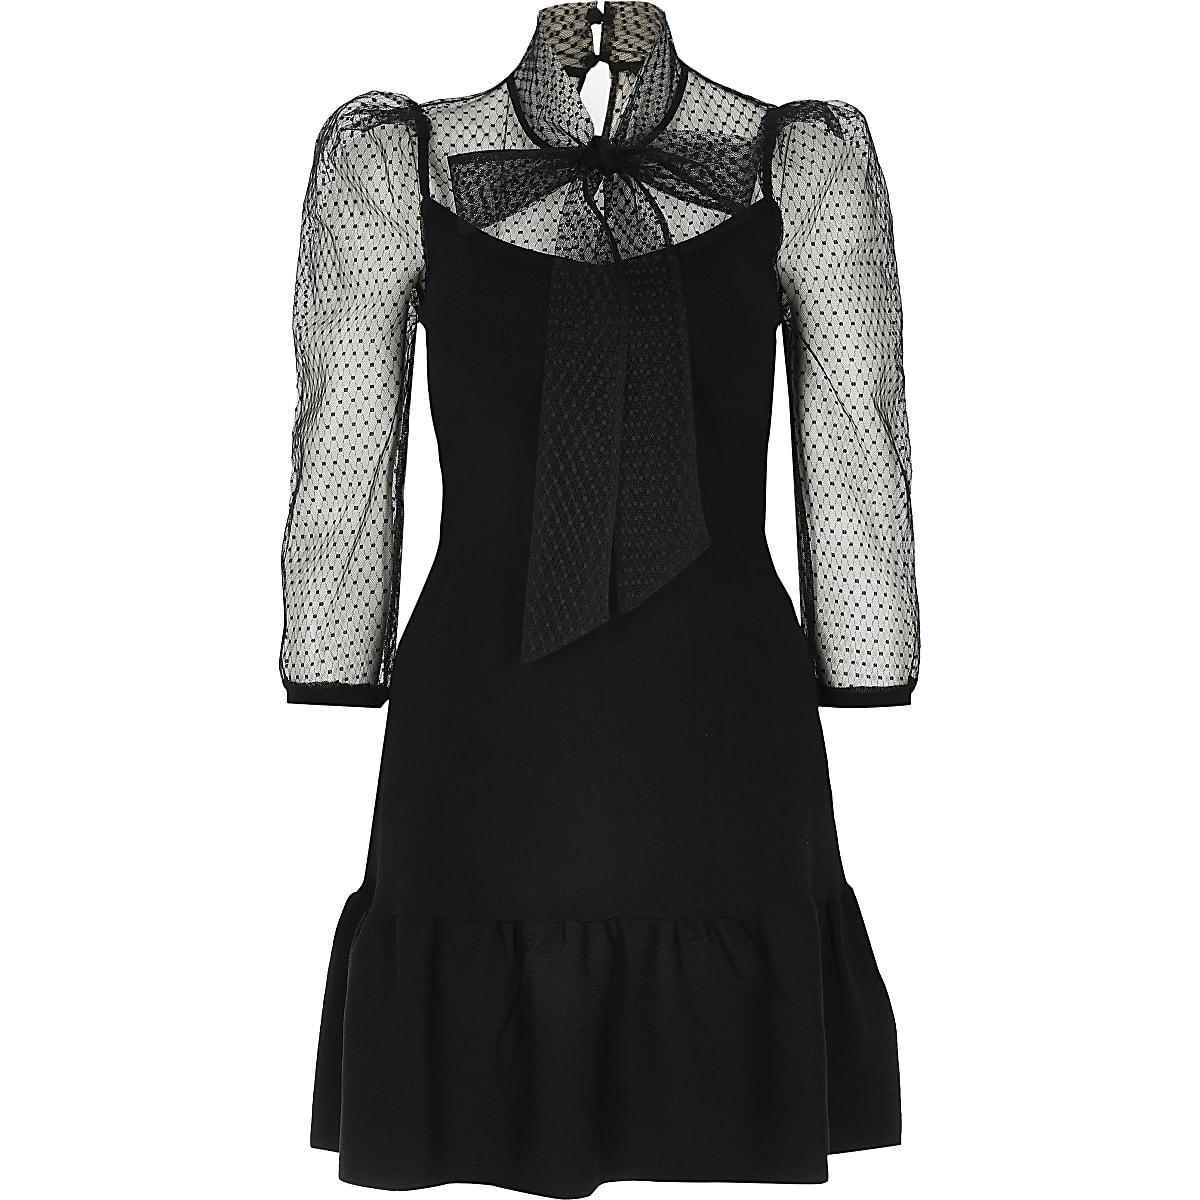 Bow Tie Mini Dress